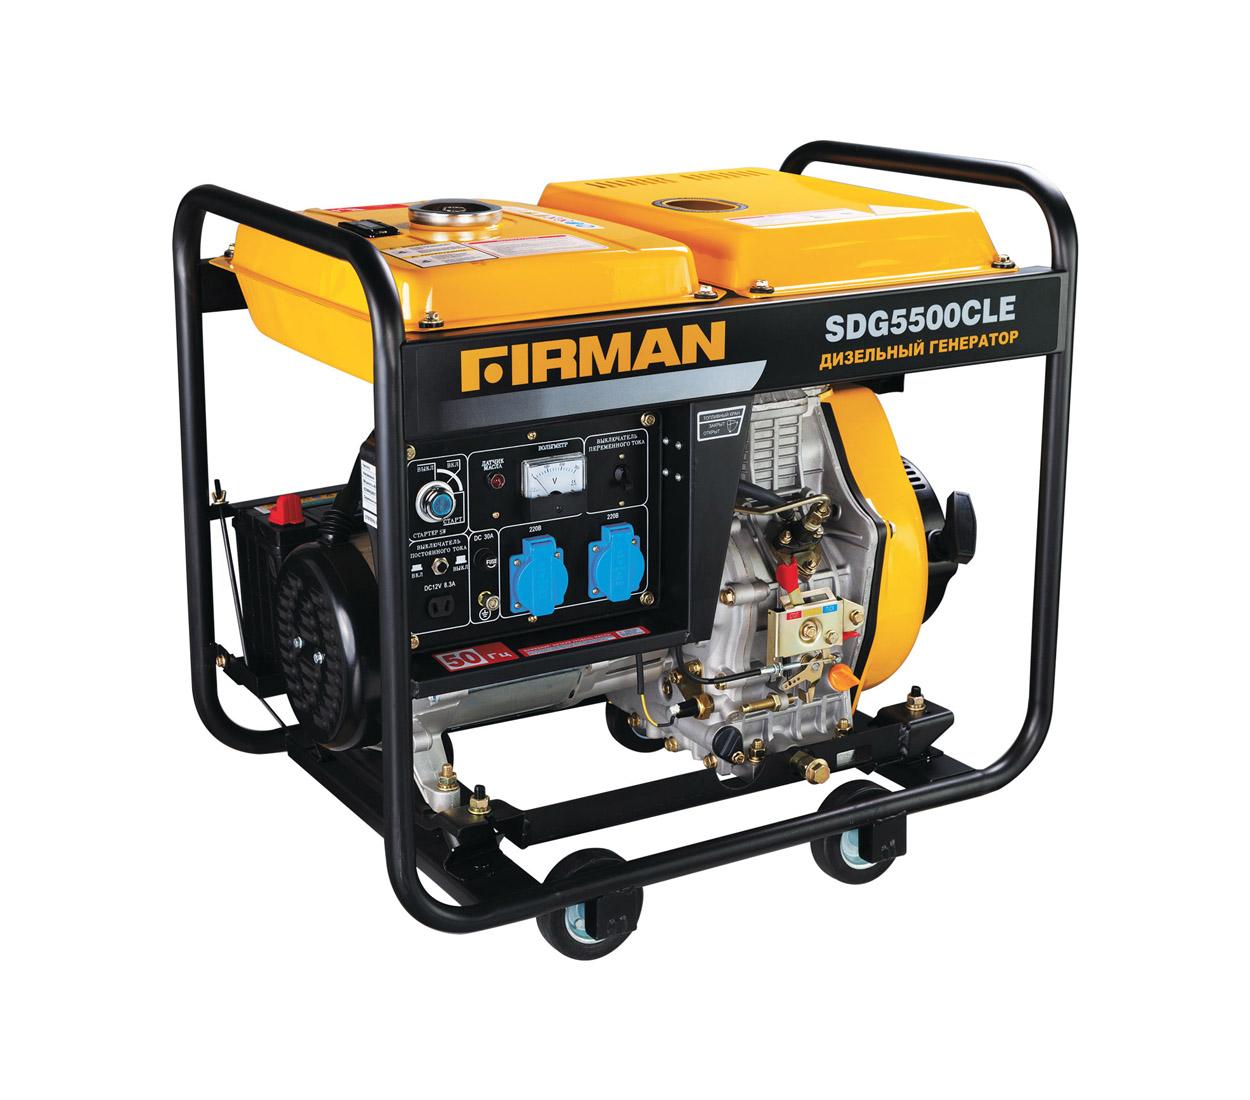 Дизельный генератор (электростанция) Firman SDG5500CLE